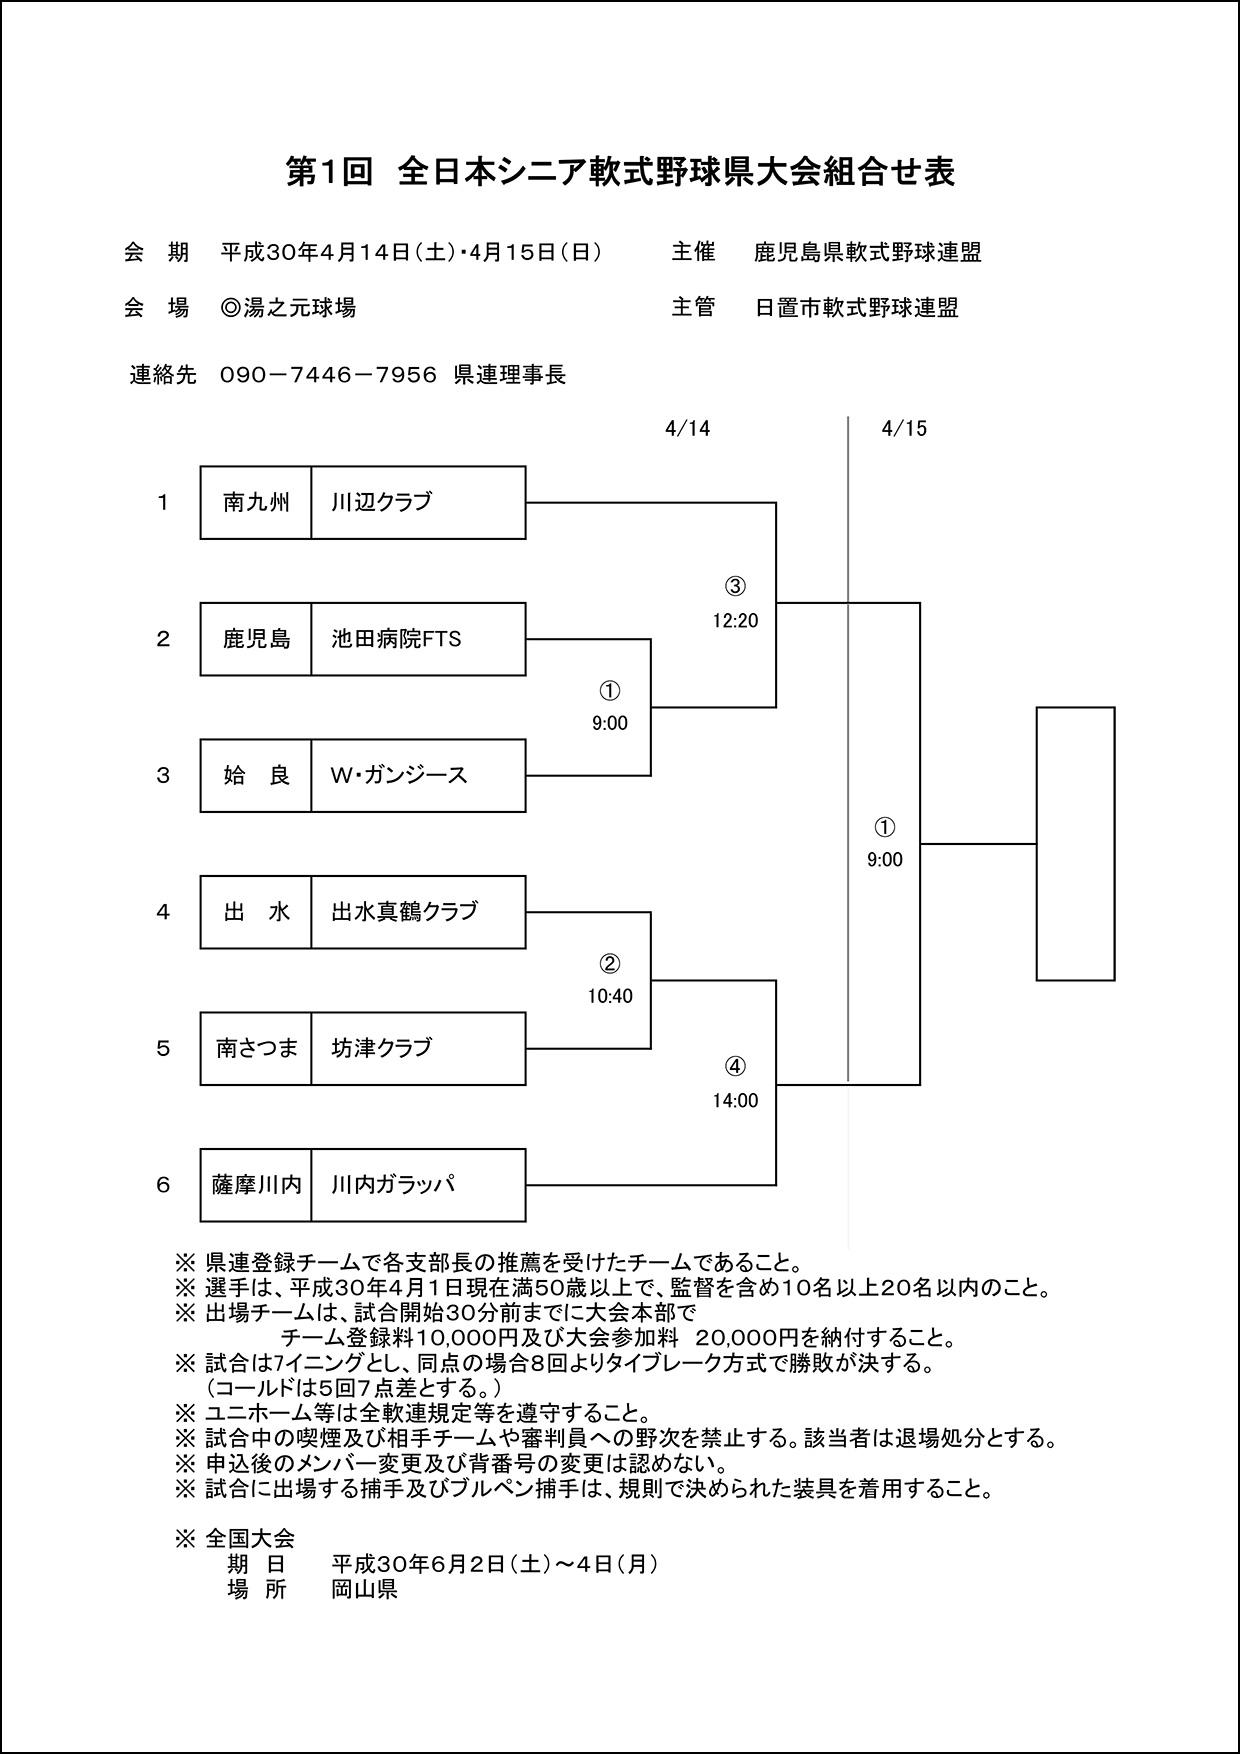 【組合せ】第1回全日本シニア軟式野球県大会組合せ表